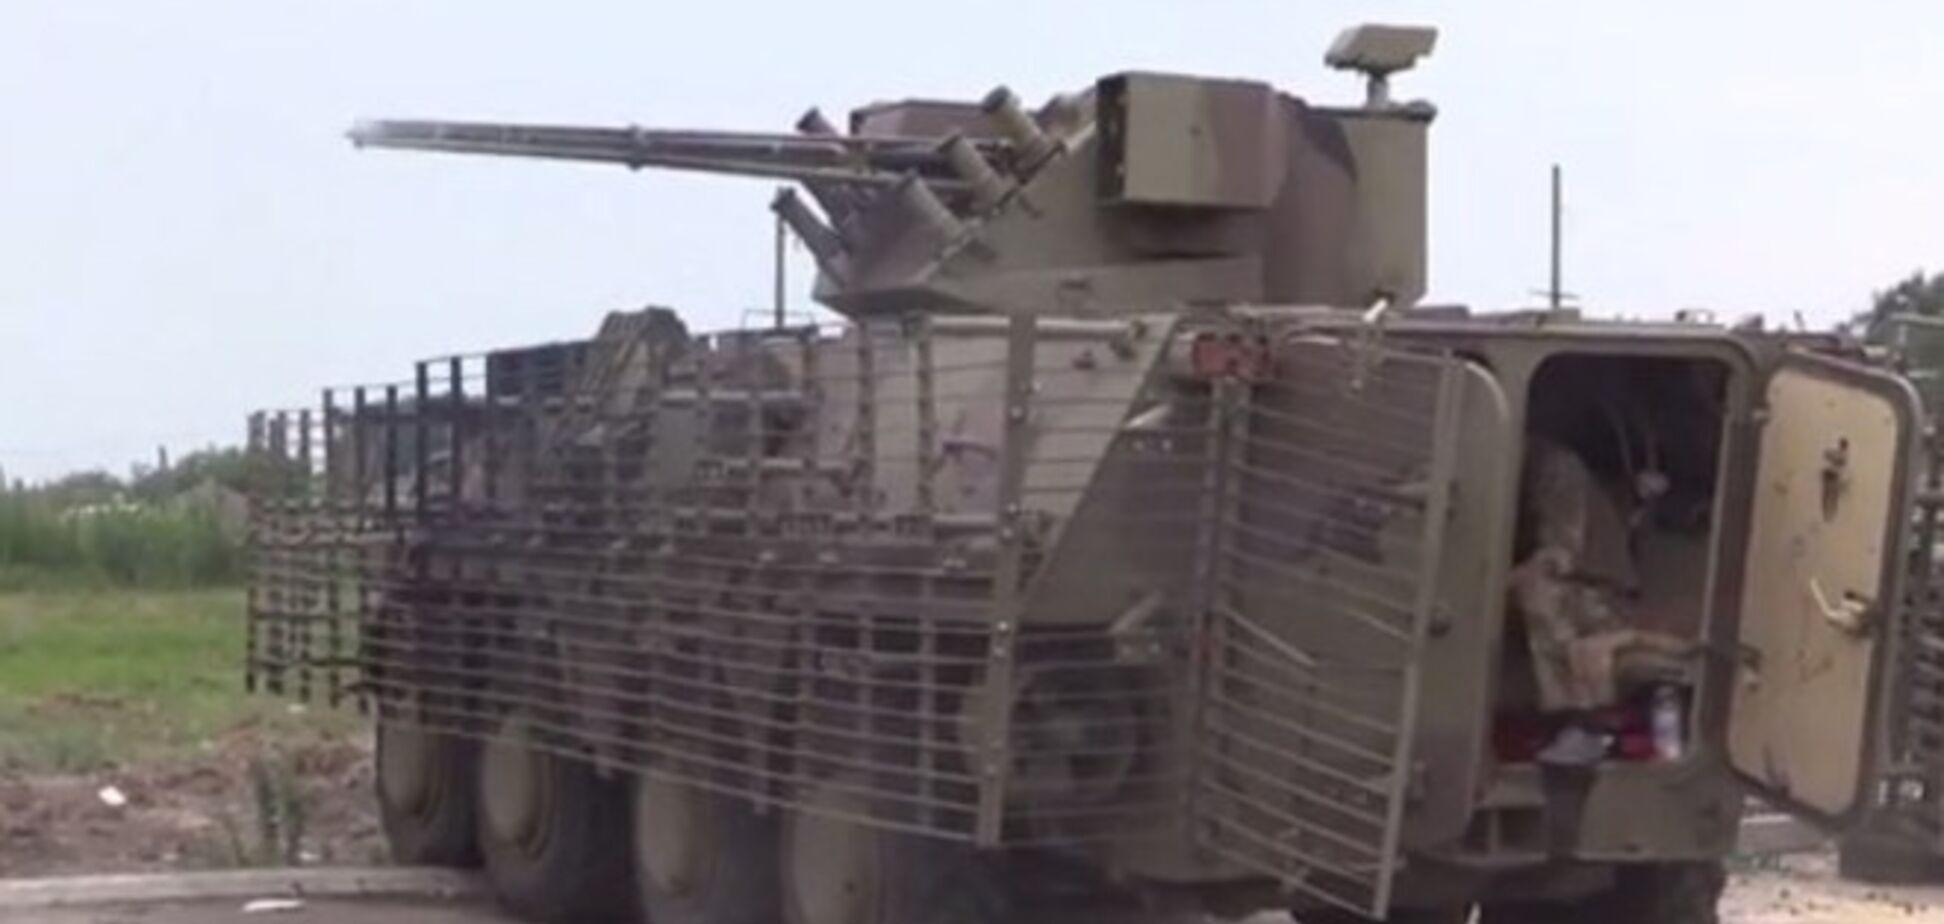 Как украинские силовики обстреляли террористов из новеньких БТР. Видеофакт